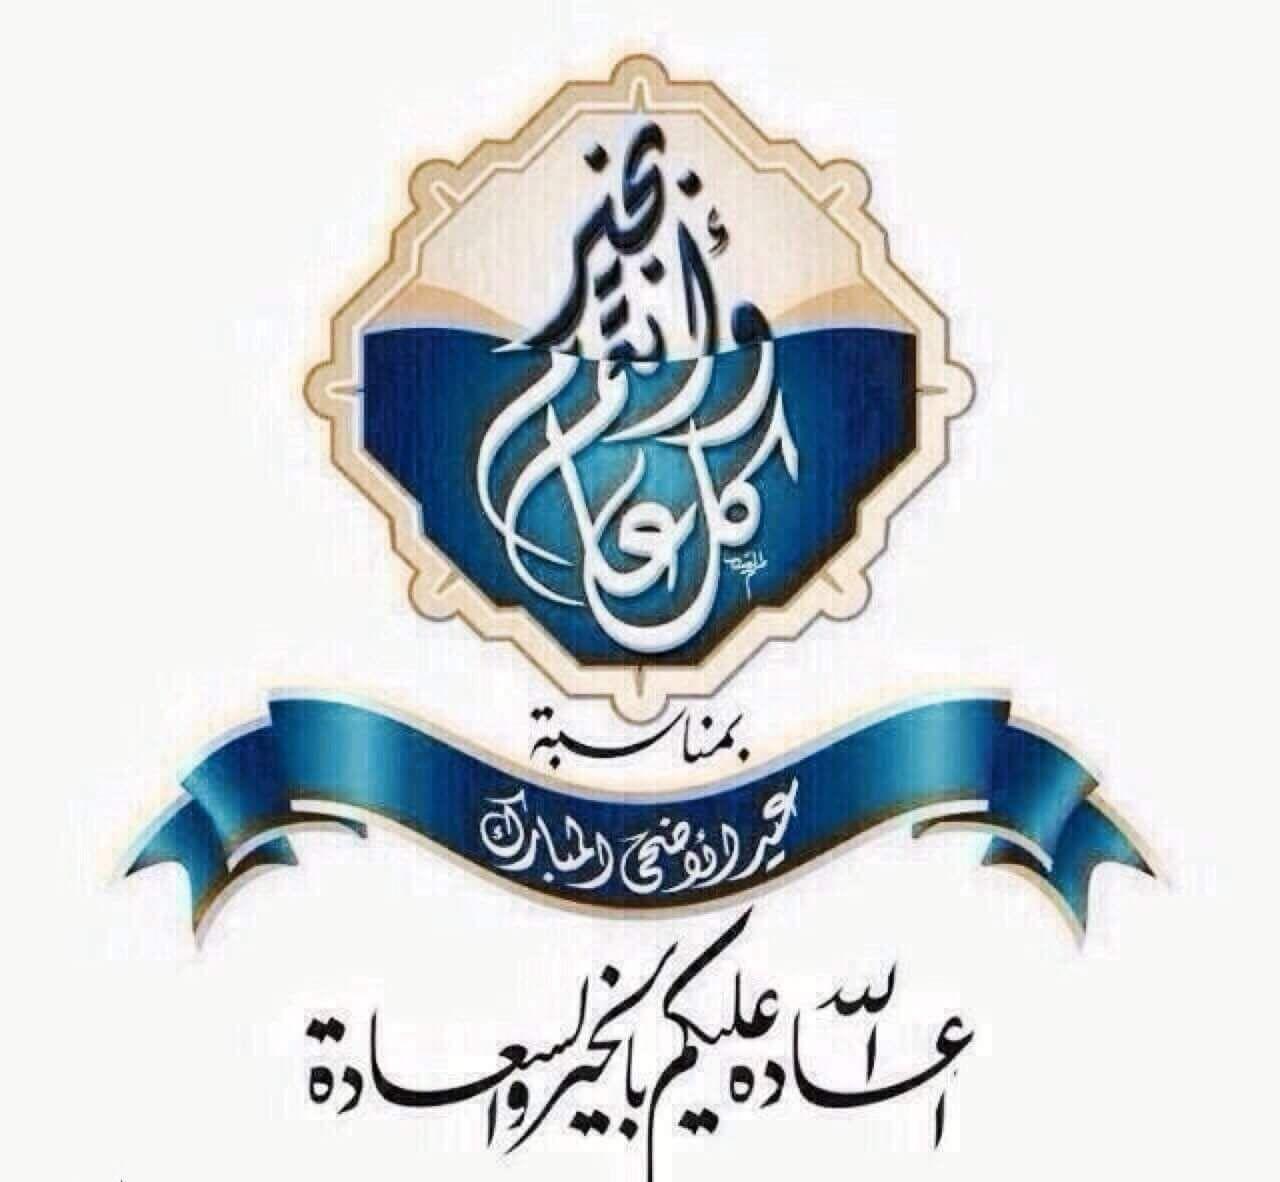 موقع باور نيوز يهنئ الامة الاسلامية والشعب المصرى كافة  بعيد الاضحى المبارك